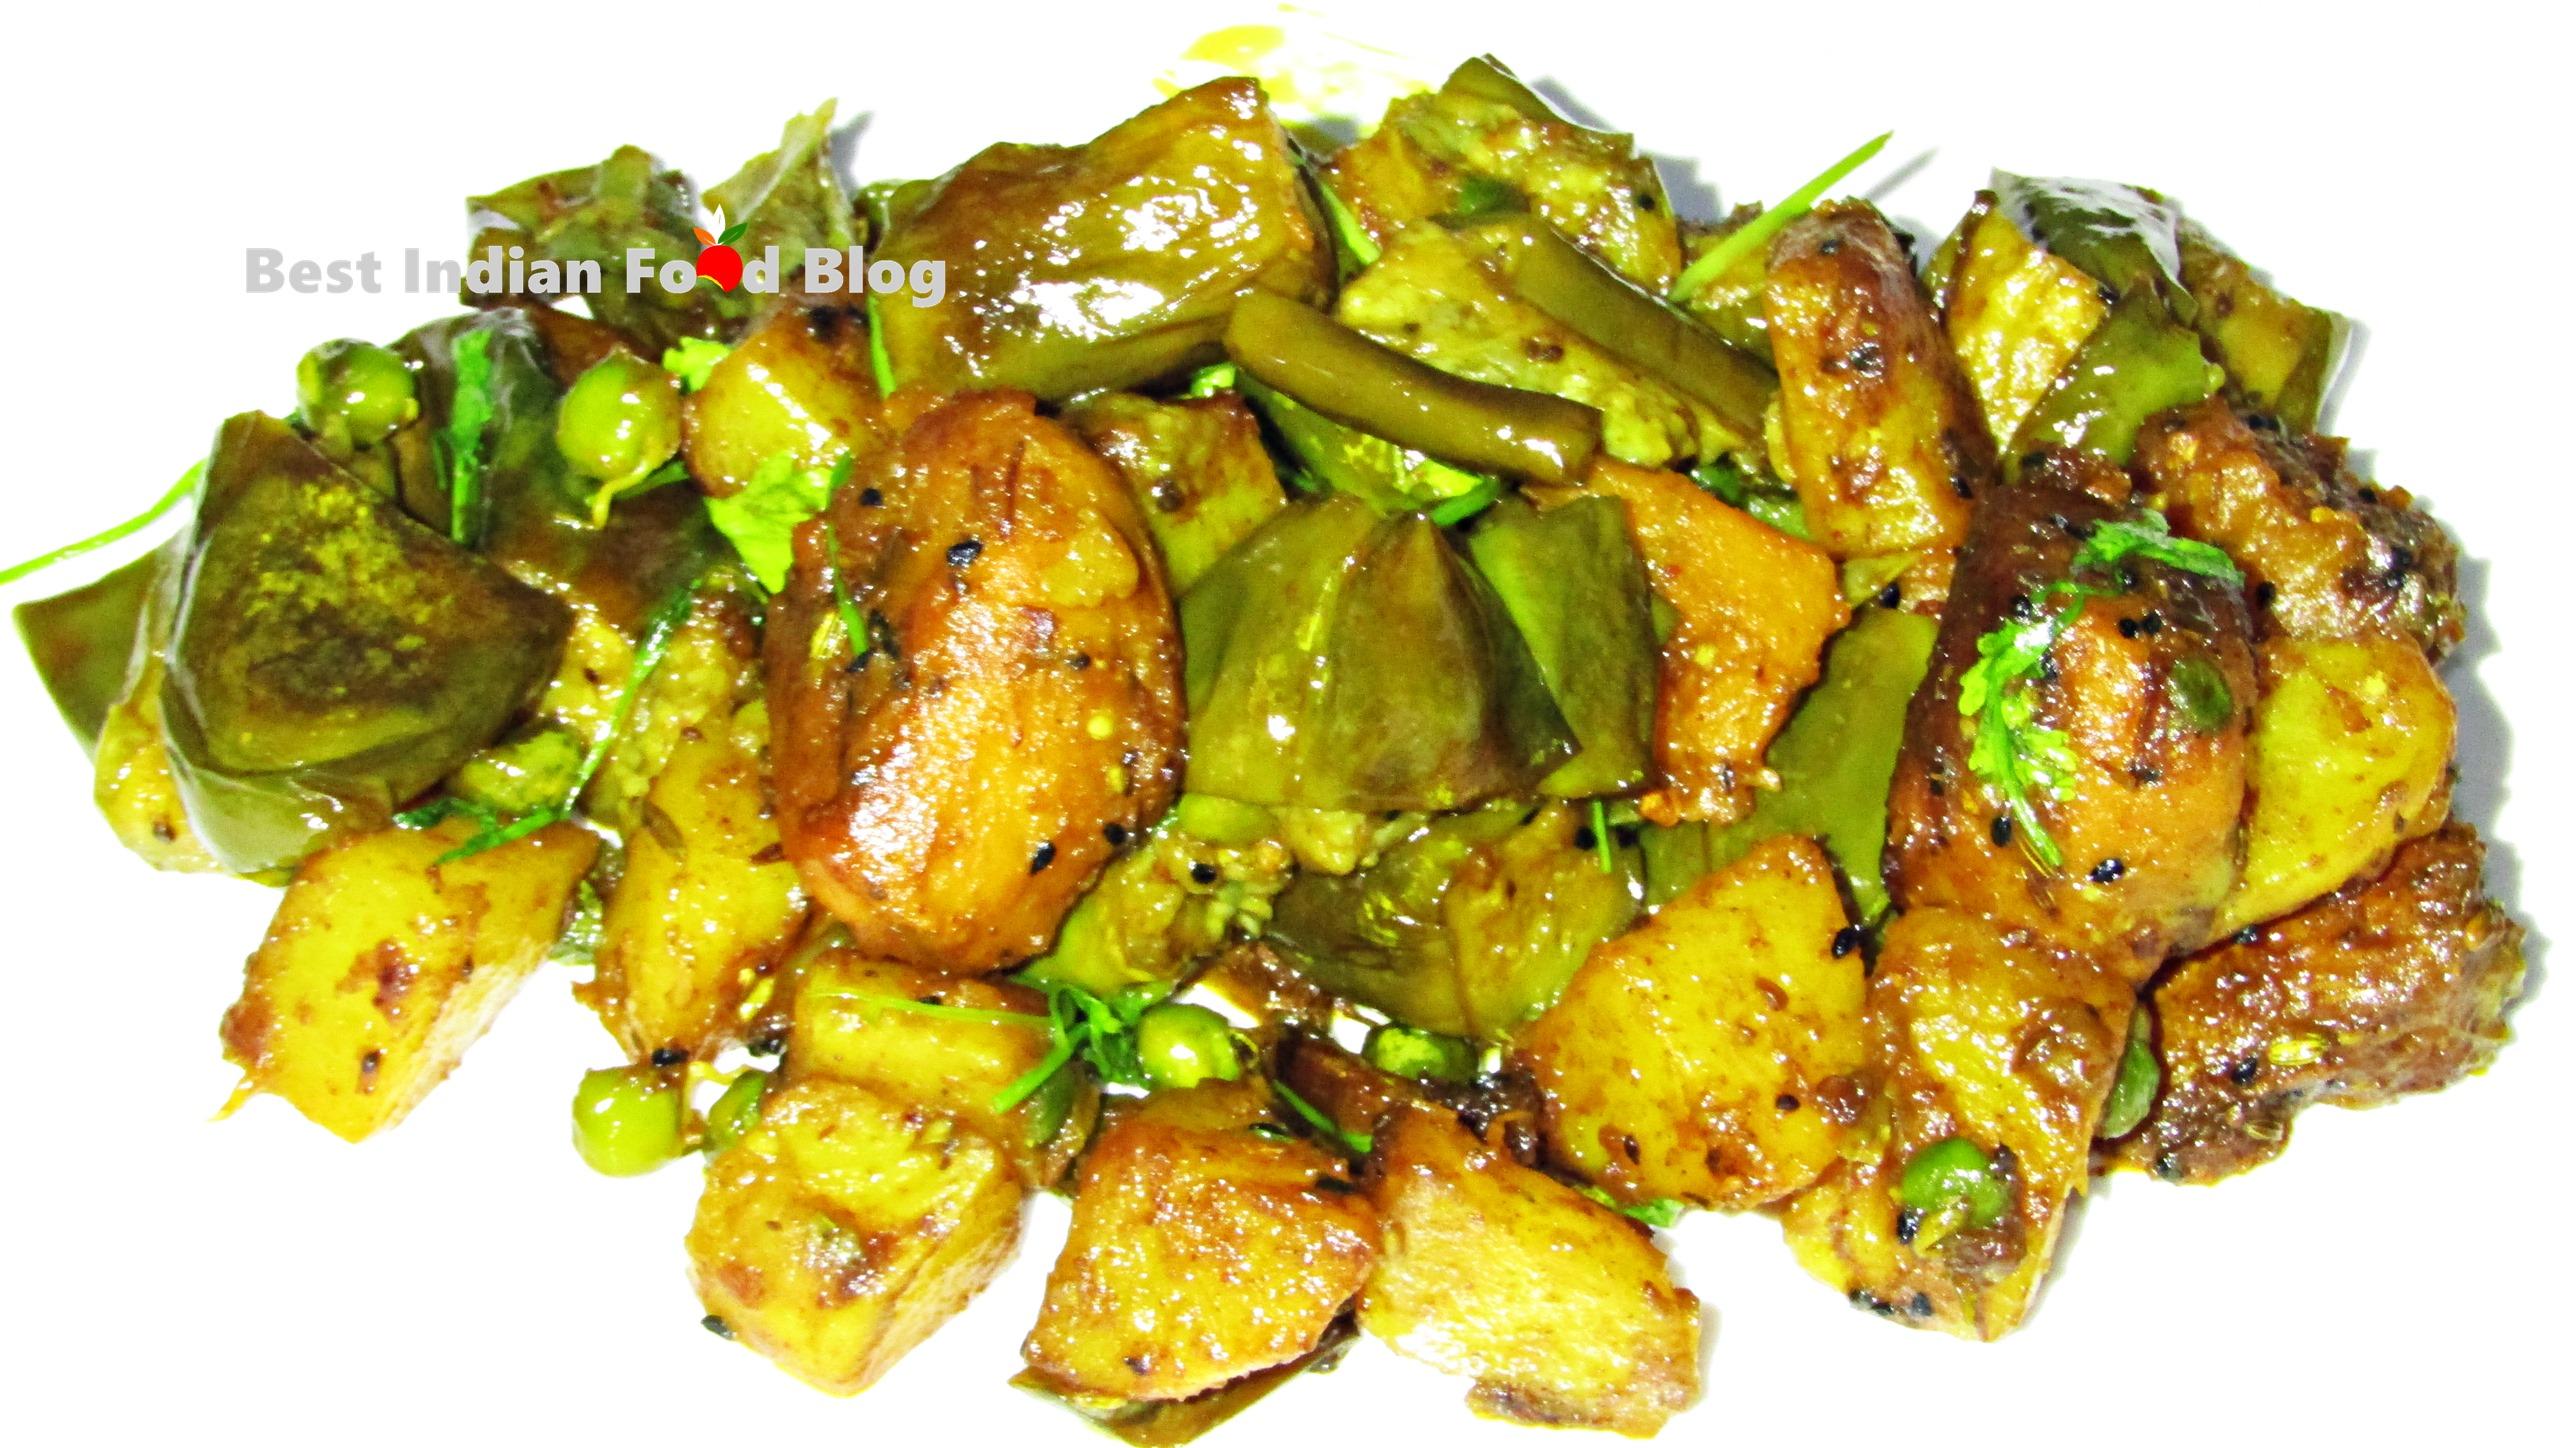 Panch Phoron Tarkari from Meghalaya, India   Best Indian Food Blog